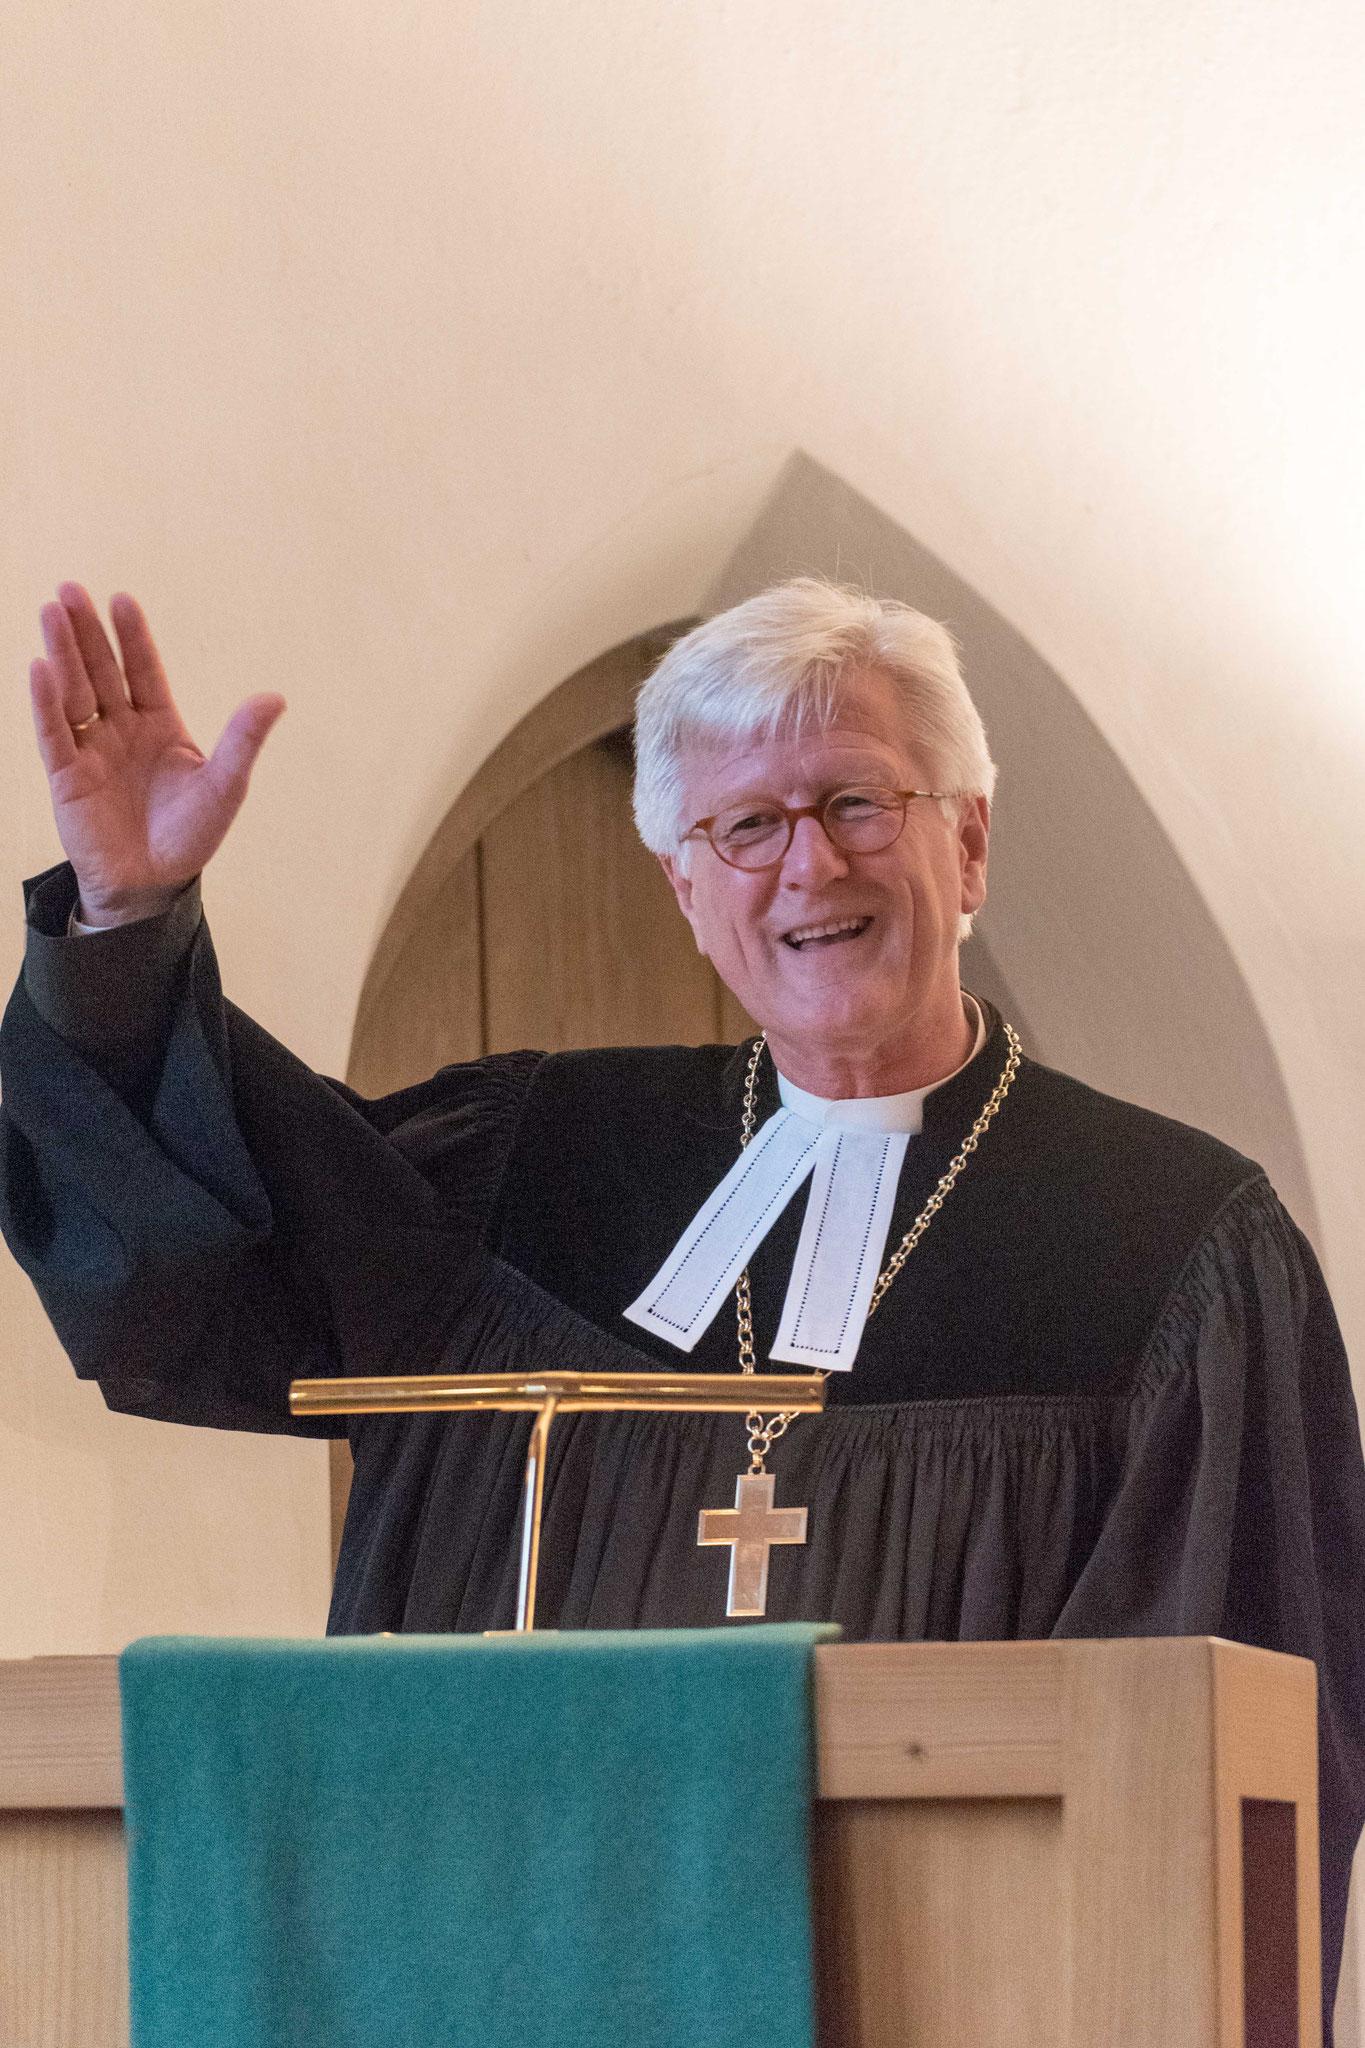 Bischof Prof. Dr. Heinrich Bedford-Strohm predigte im Eröffnungsgottesdienst